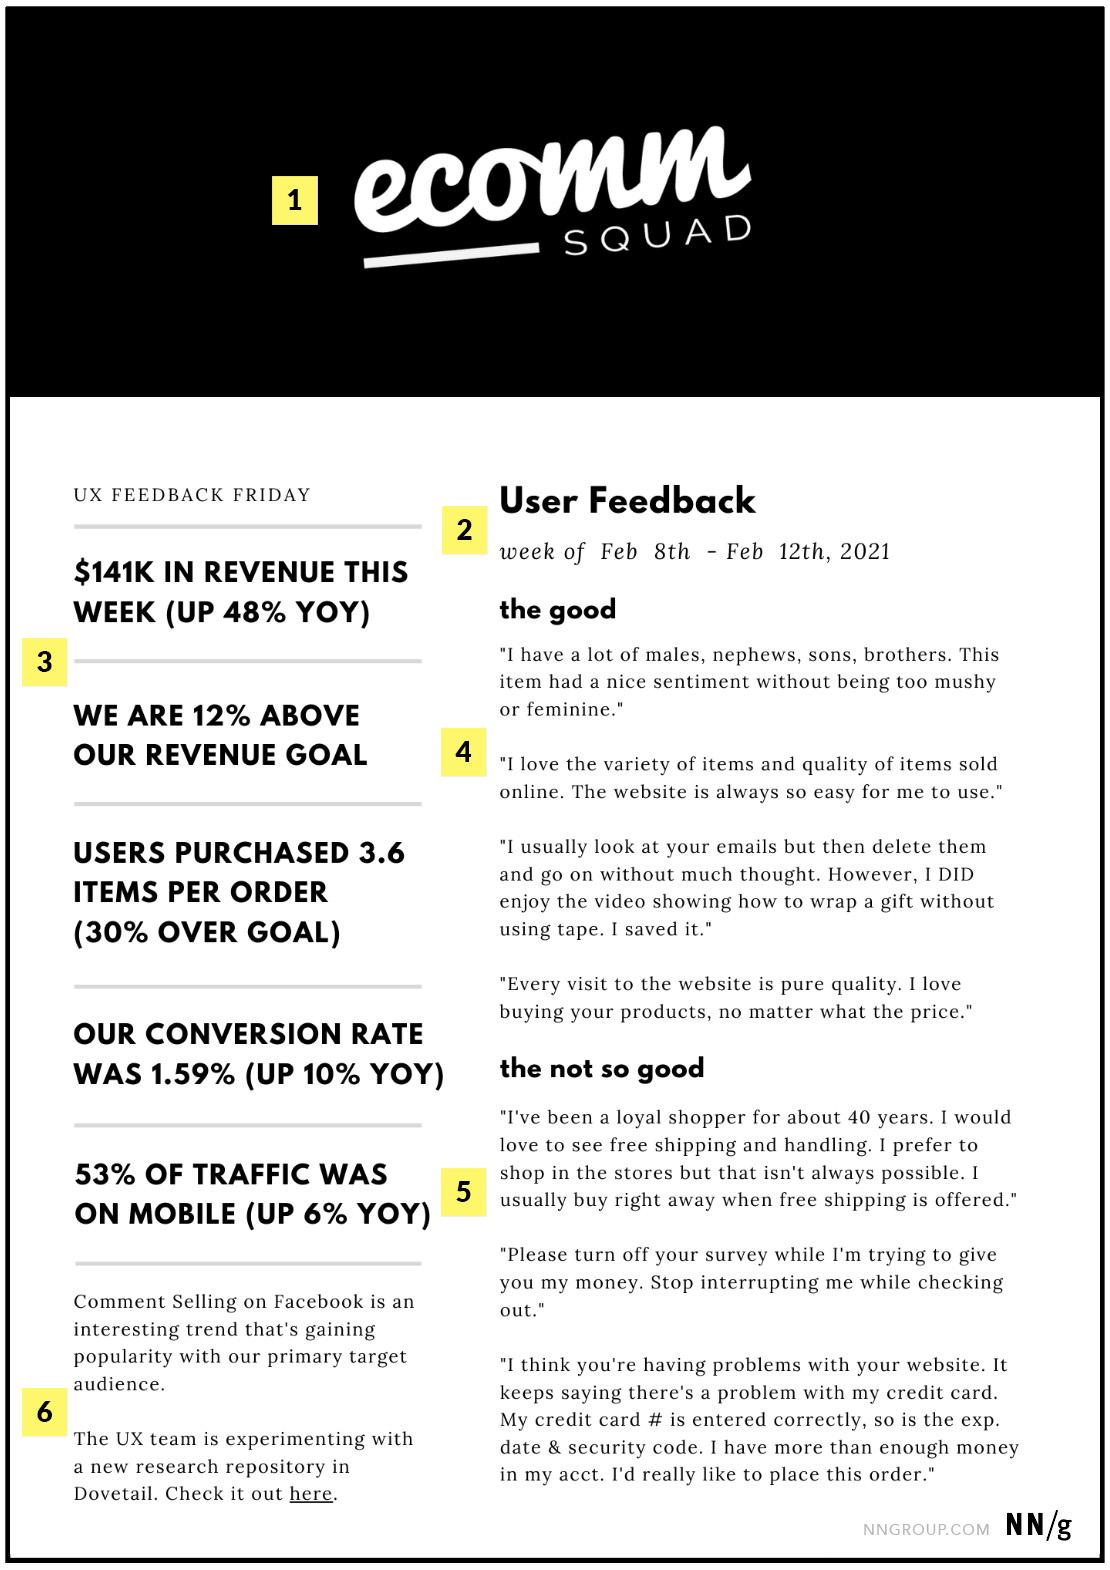 Informe de progreso de UX semanal con comentarios y progreso hacia las métricas.